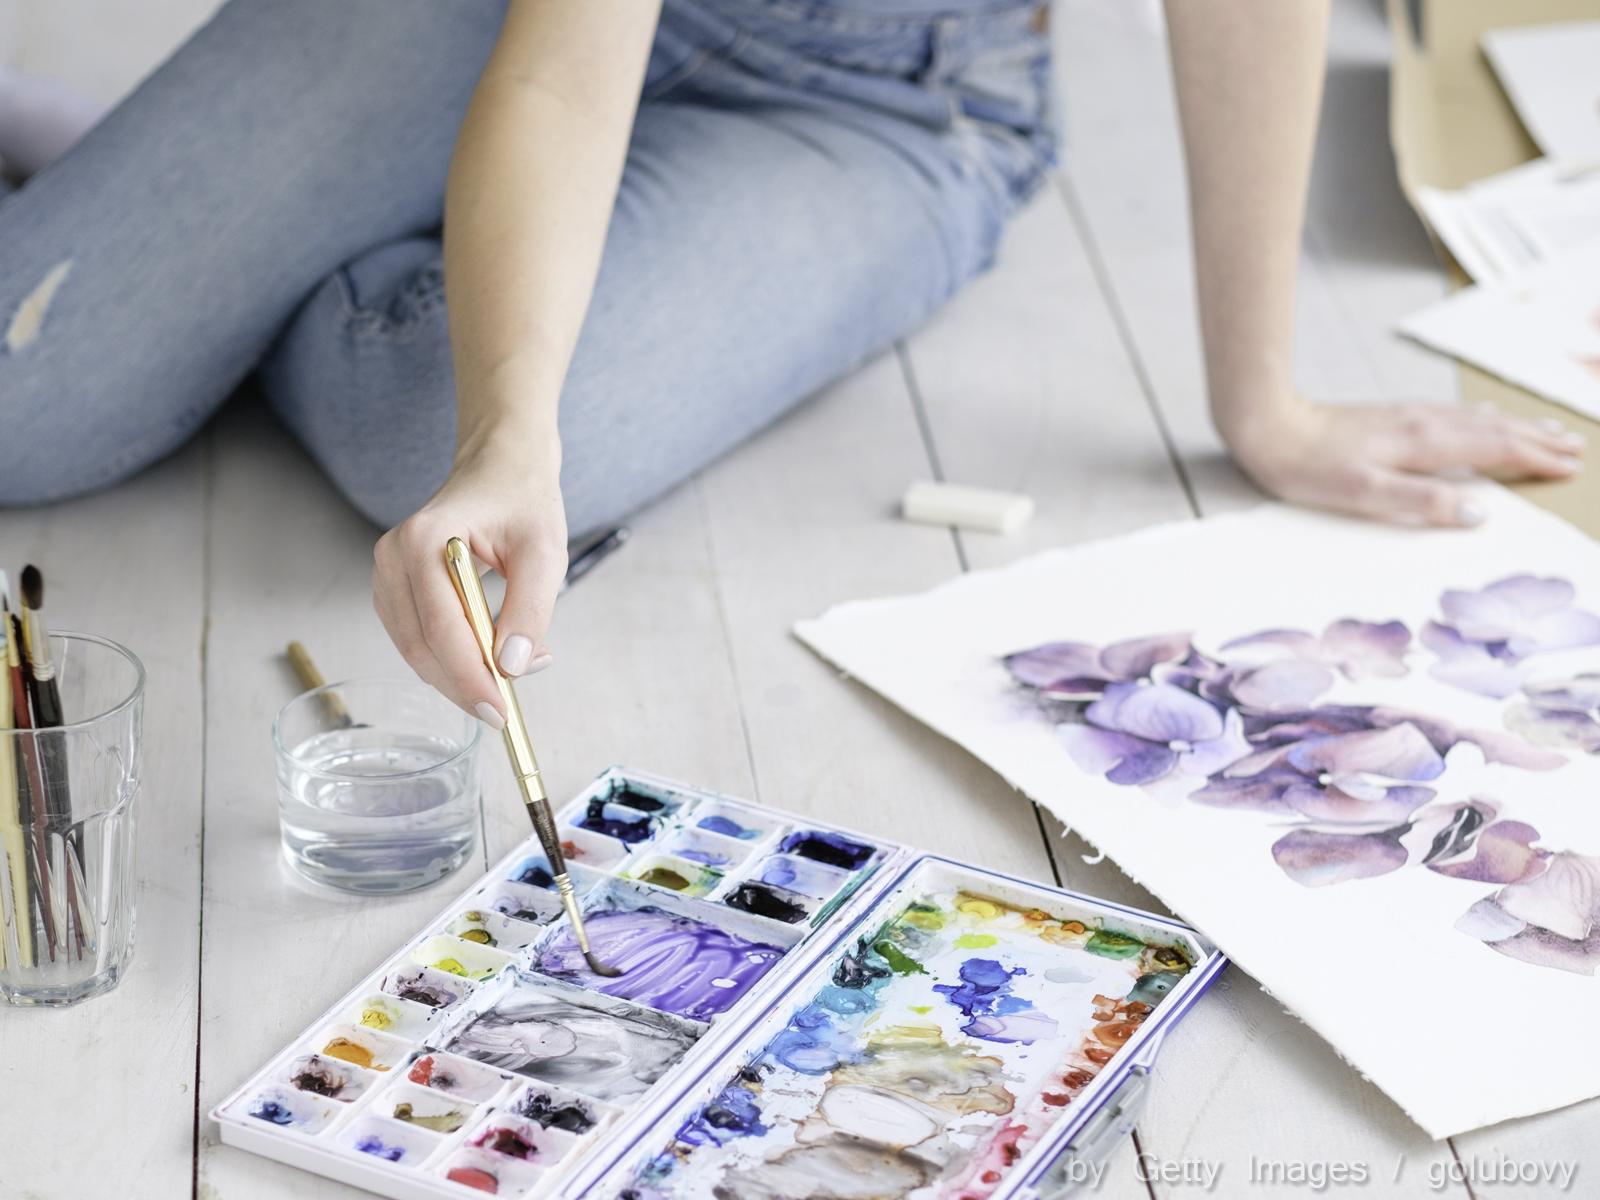 Para e pense ócio criativo, onde depositar minhas energias